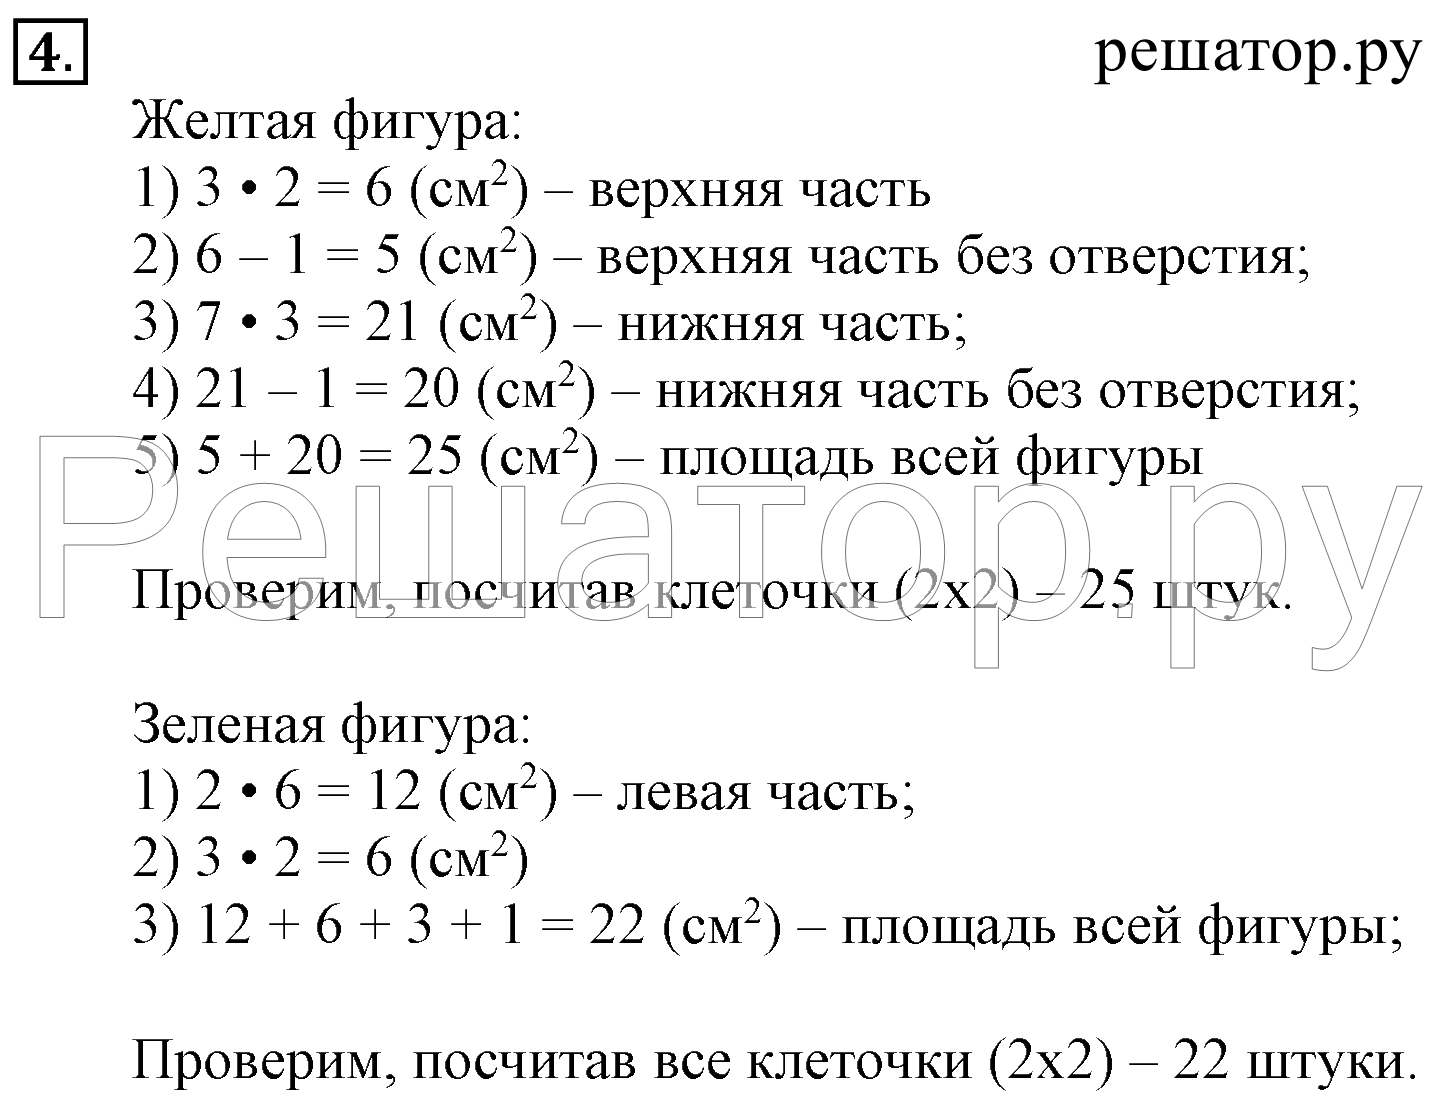 дорофеев 4 класс учебник 1